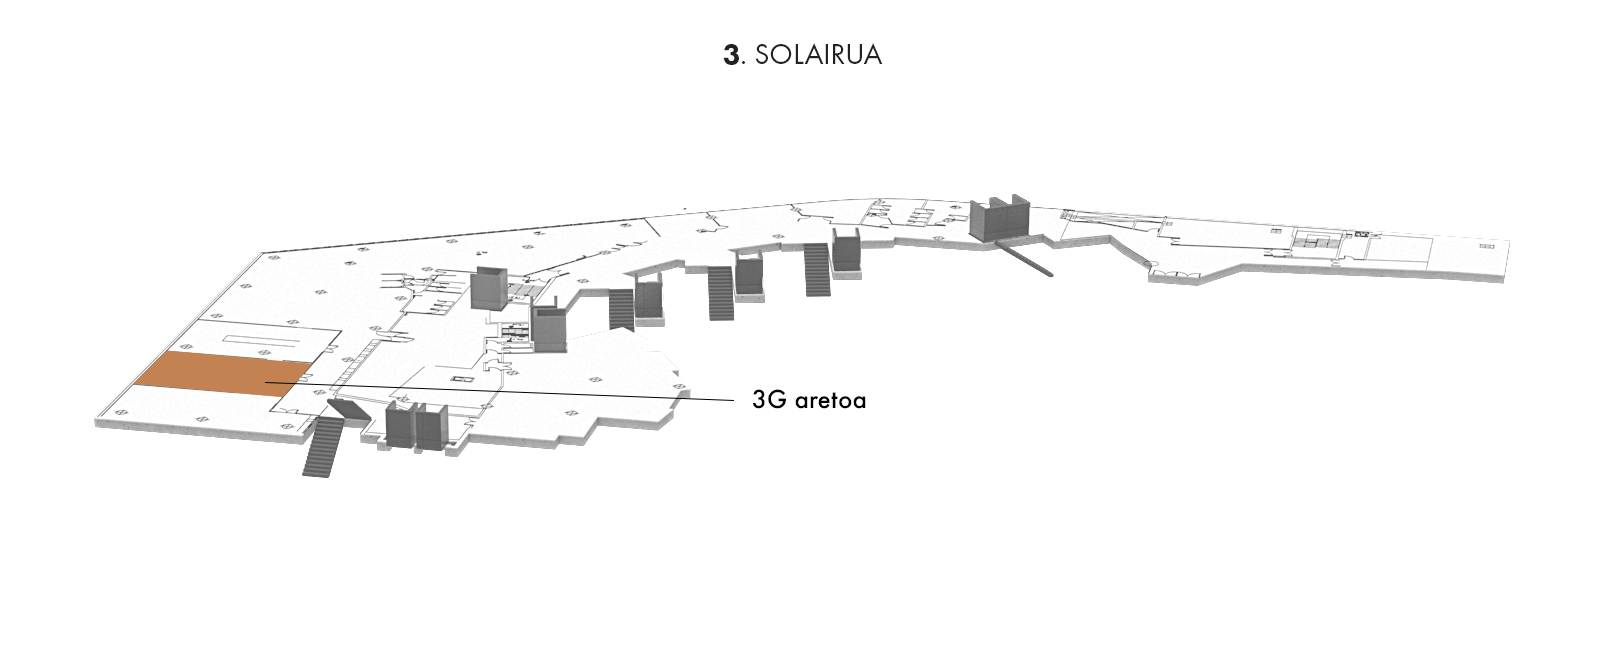 3G aretoa, 3. solairua   Palacio Euskalduna Jauregia